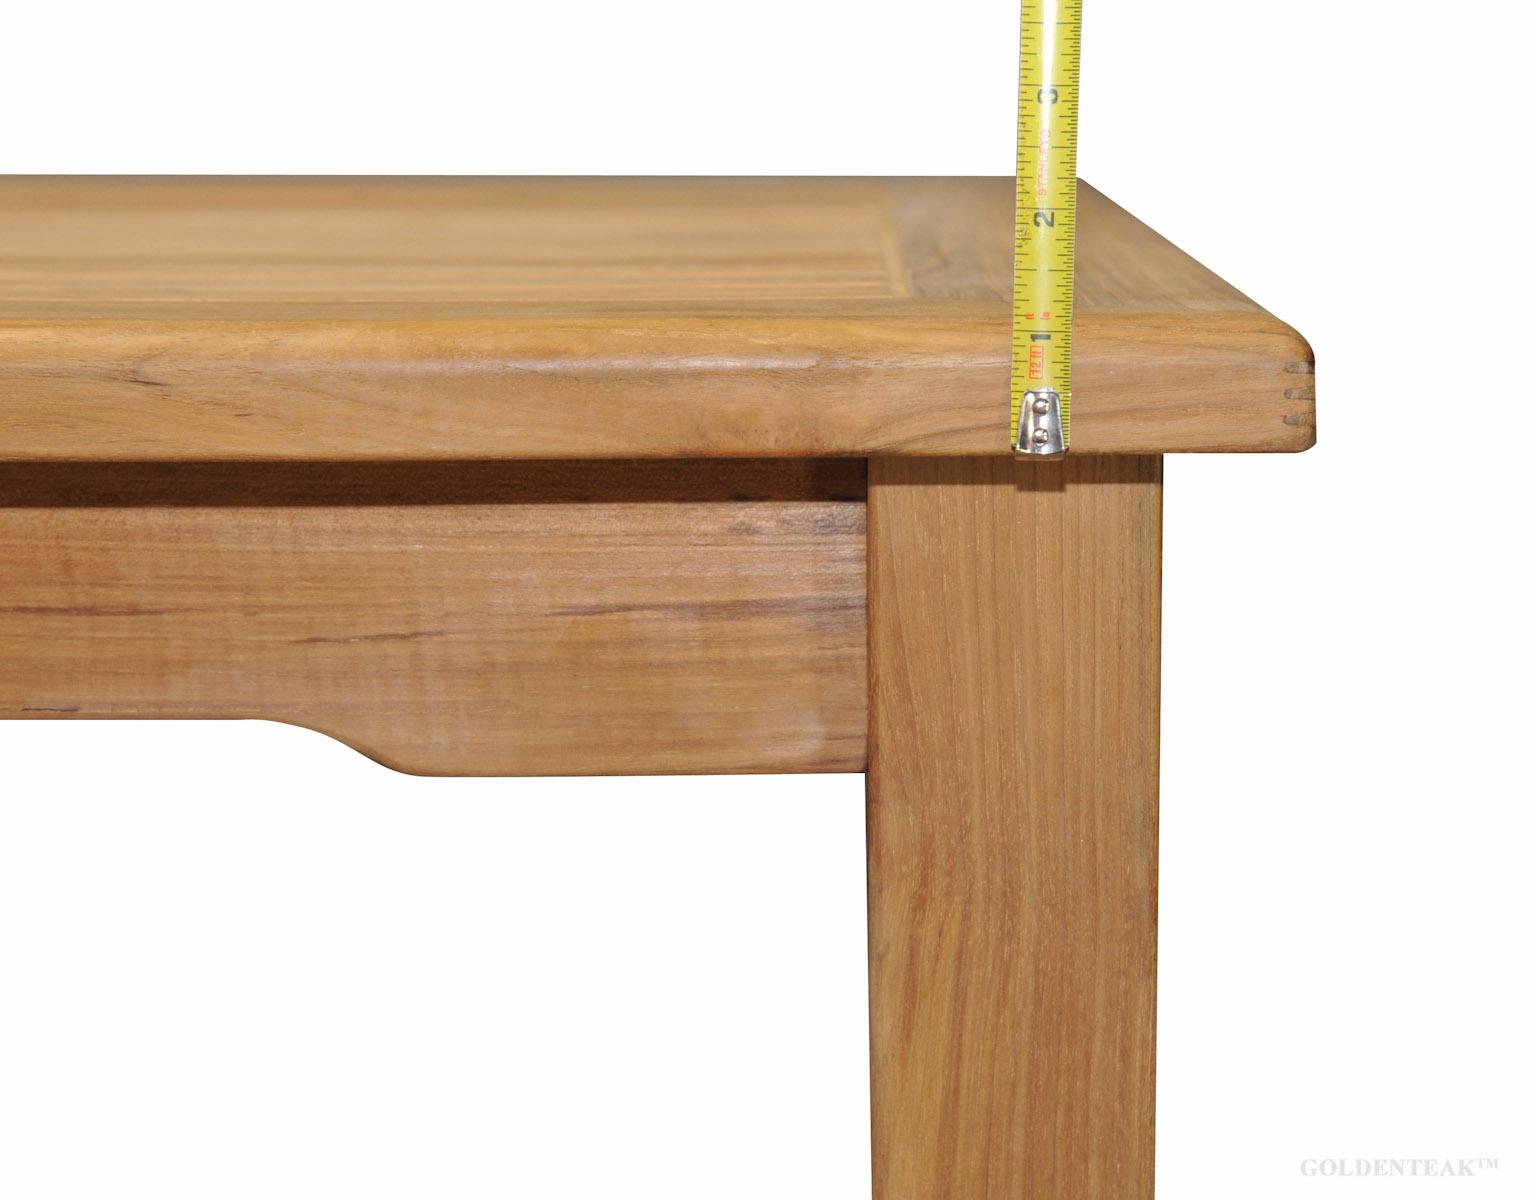 Goldenteak Harvest Dining Table Leg Thickness Teak Top